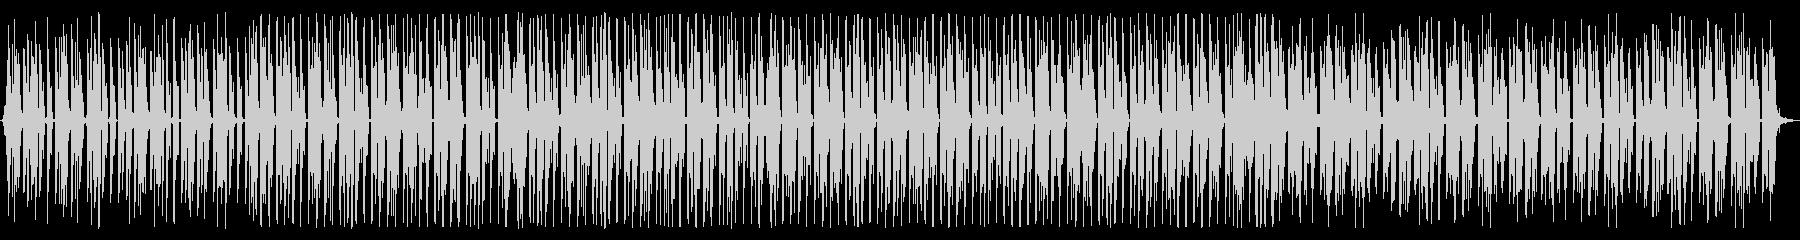 空間的でメタリックなテクノの未再生の波形